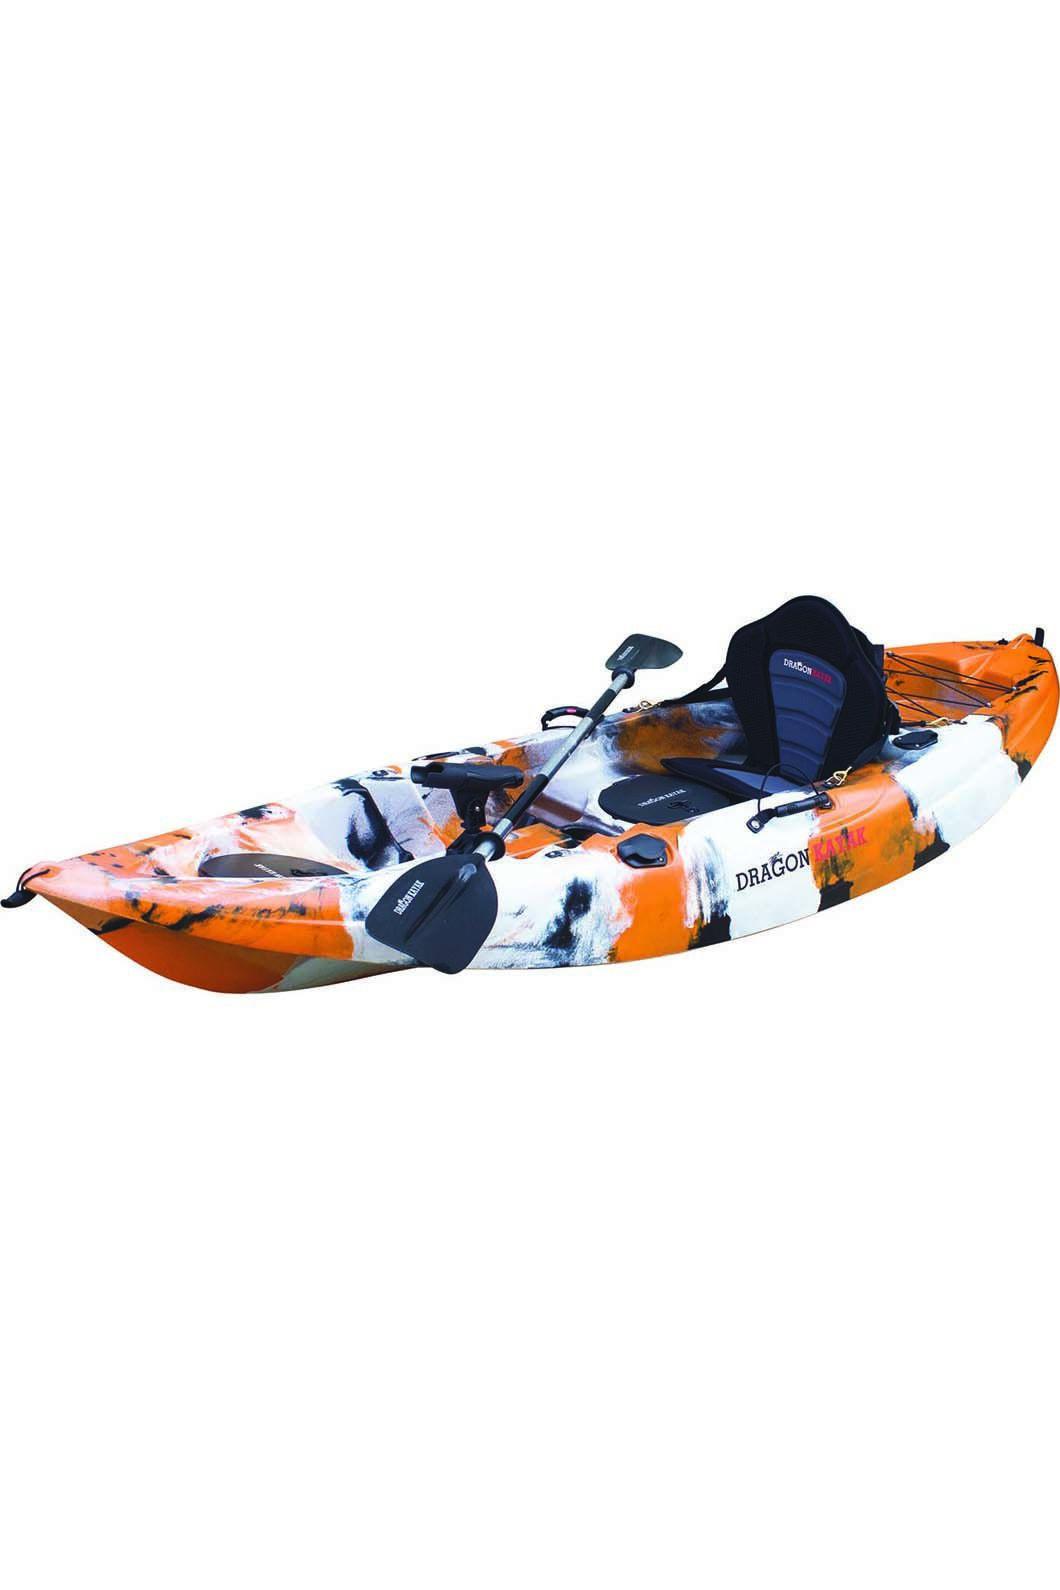 Dragon Pro Fisher Kayak, None, hi-res